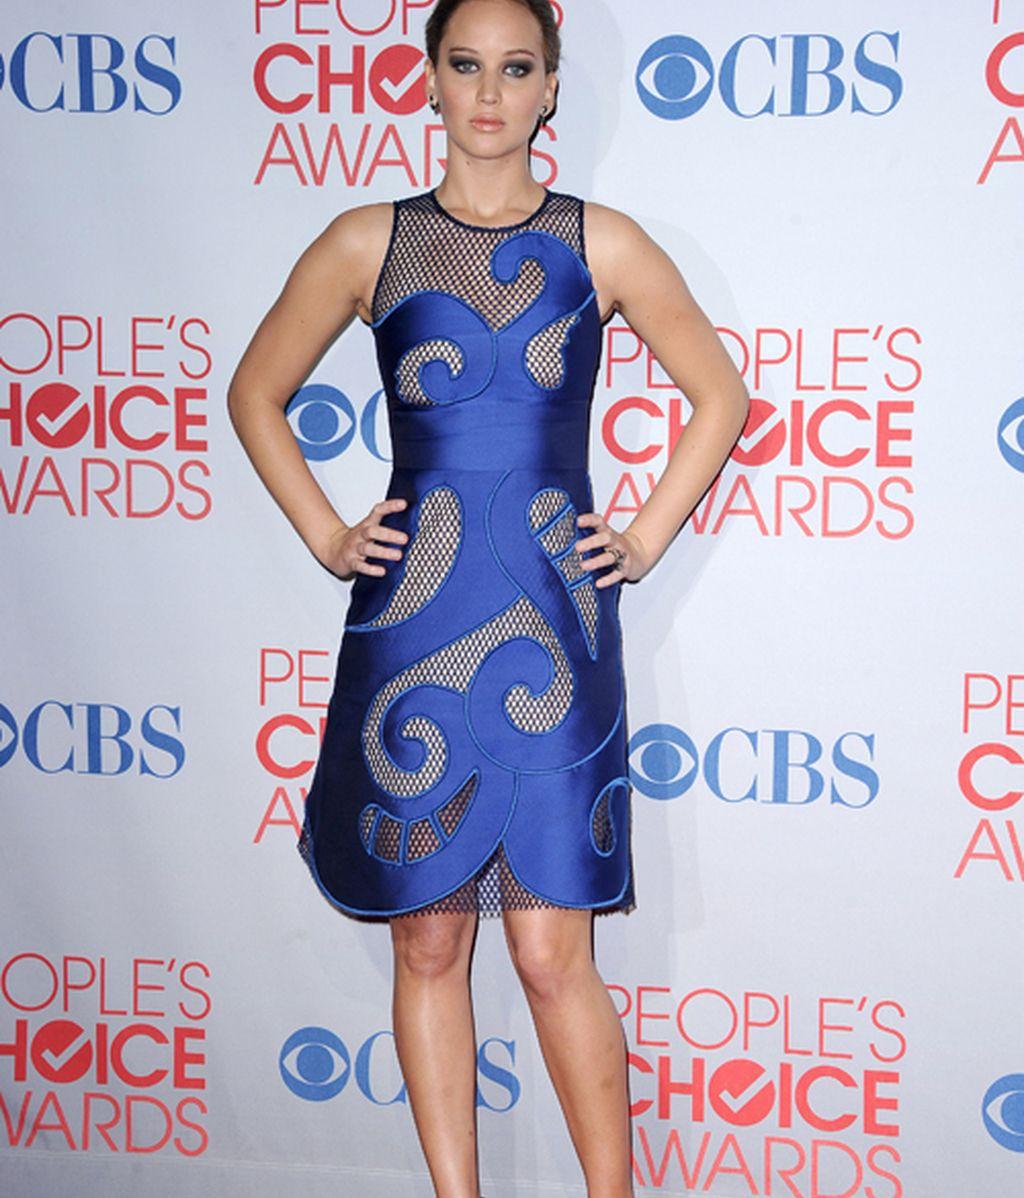 Horrores y aciertos en los estilismos de los People's Choice Awards